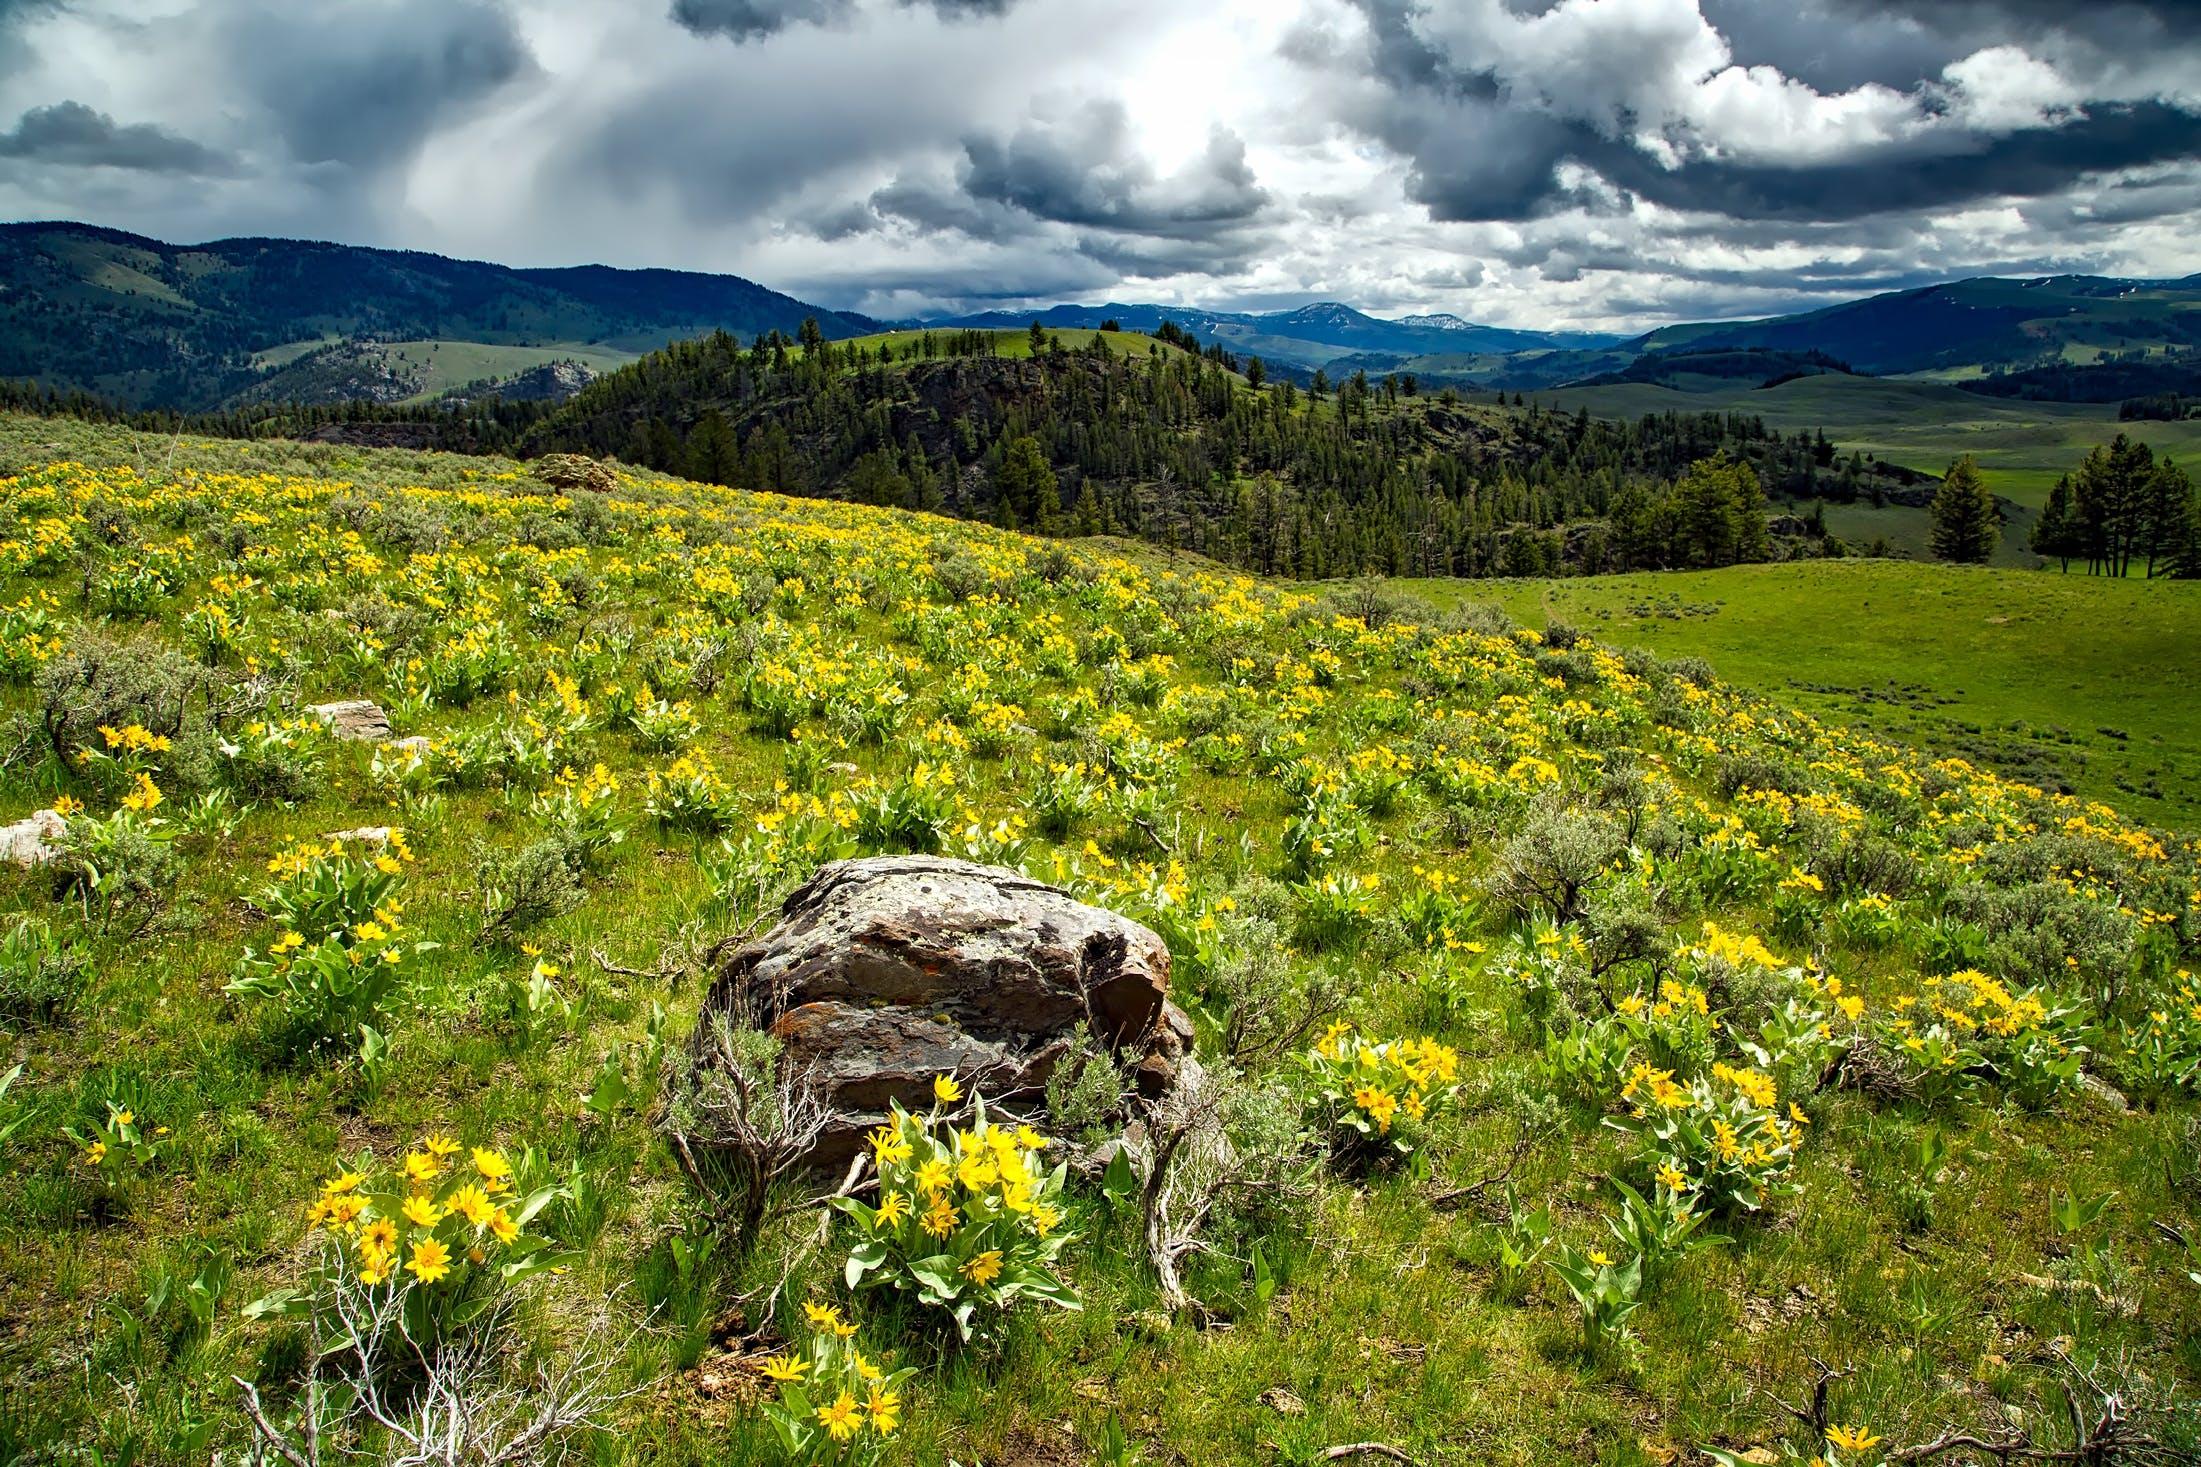 Kostnadsfri bild av äng, anläggning, bergen, blommor